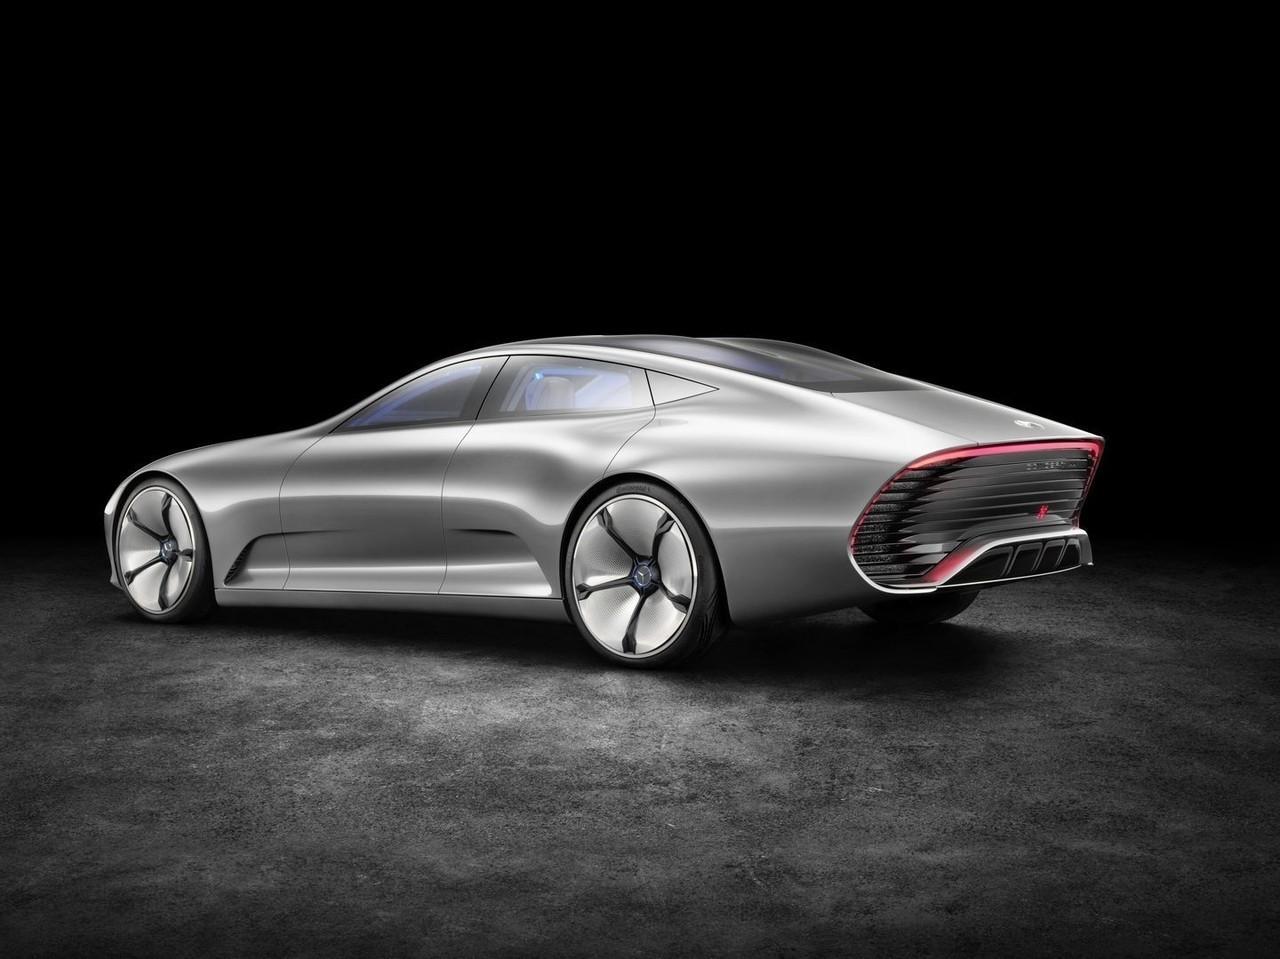 Mercedes-Benz Concept IAA (5/17)